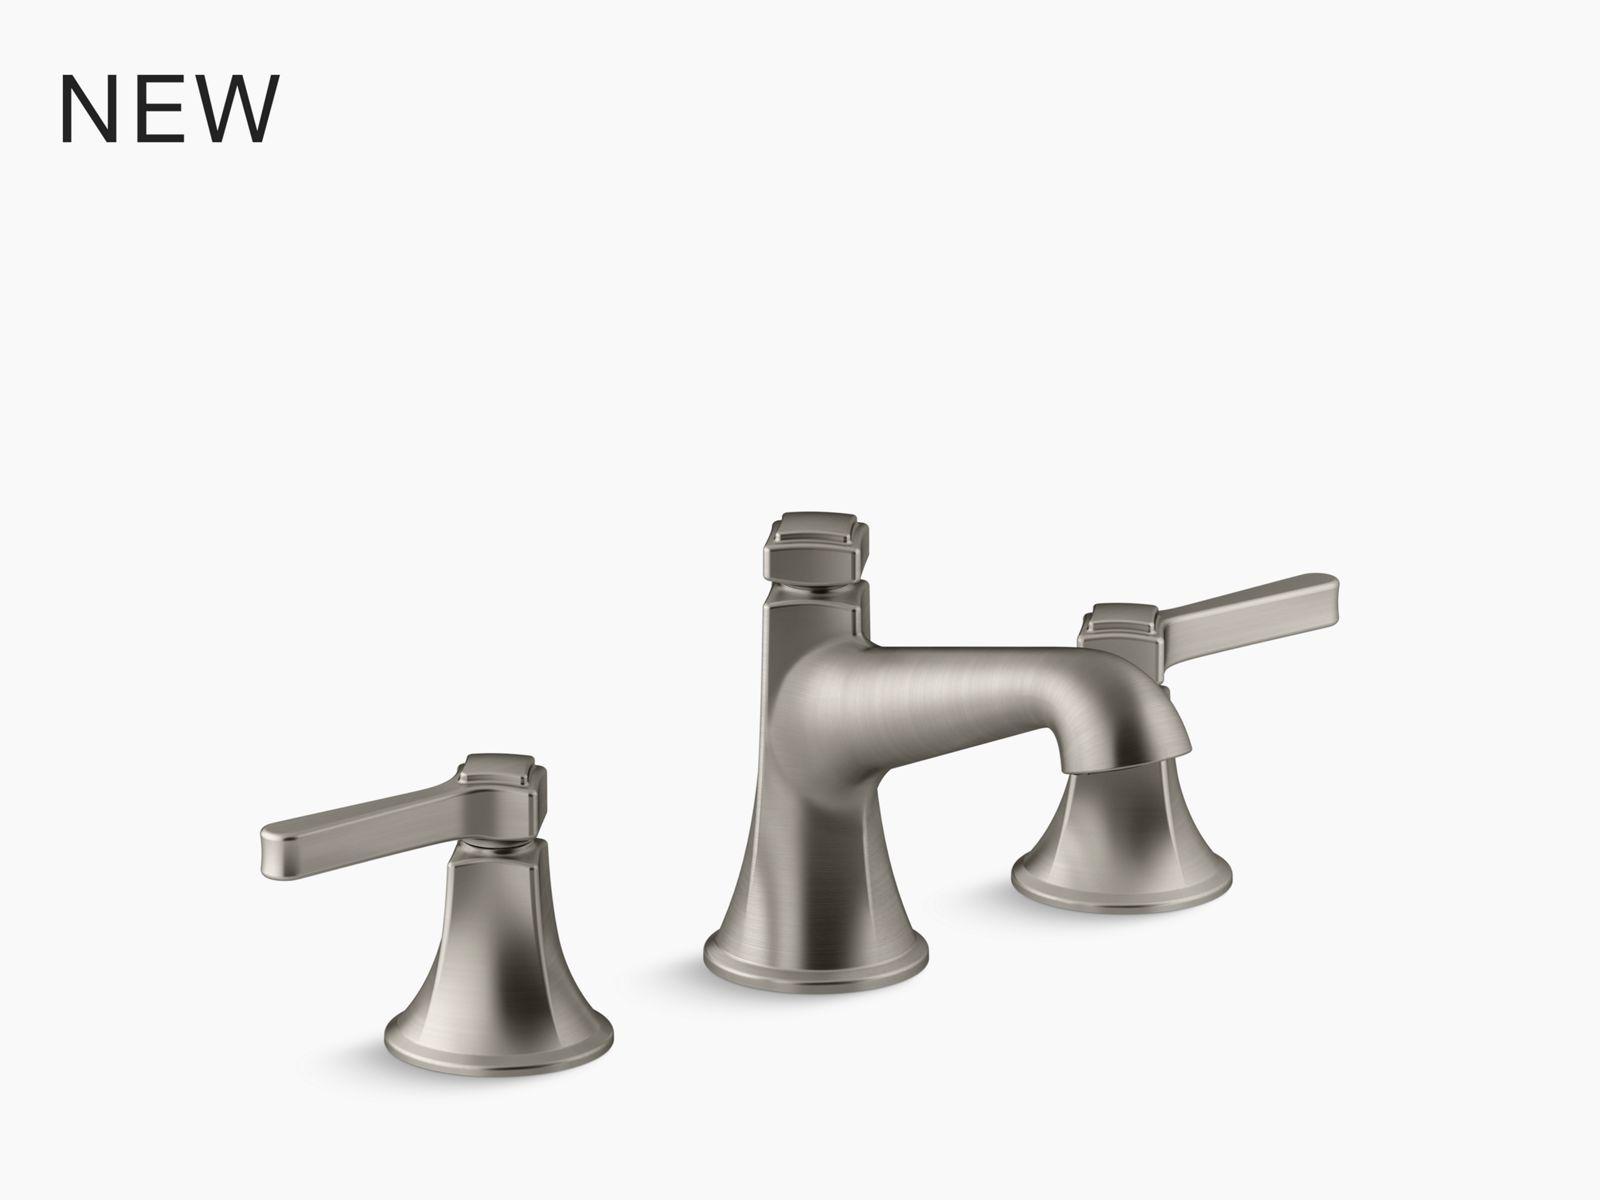 kathryn 19 3 4 x 15 5 8 x 6 1 4 undermount bathroom sink